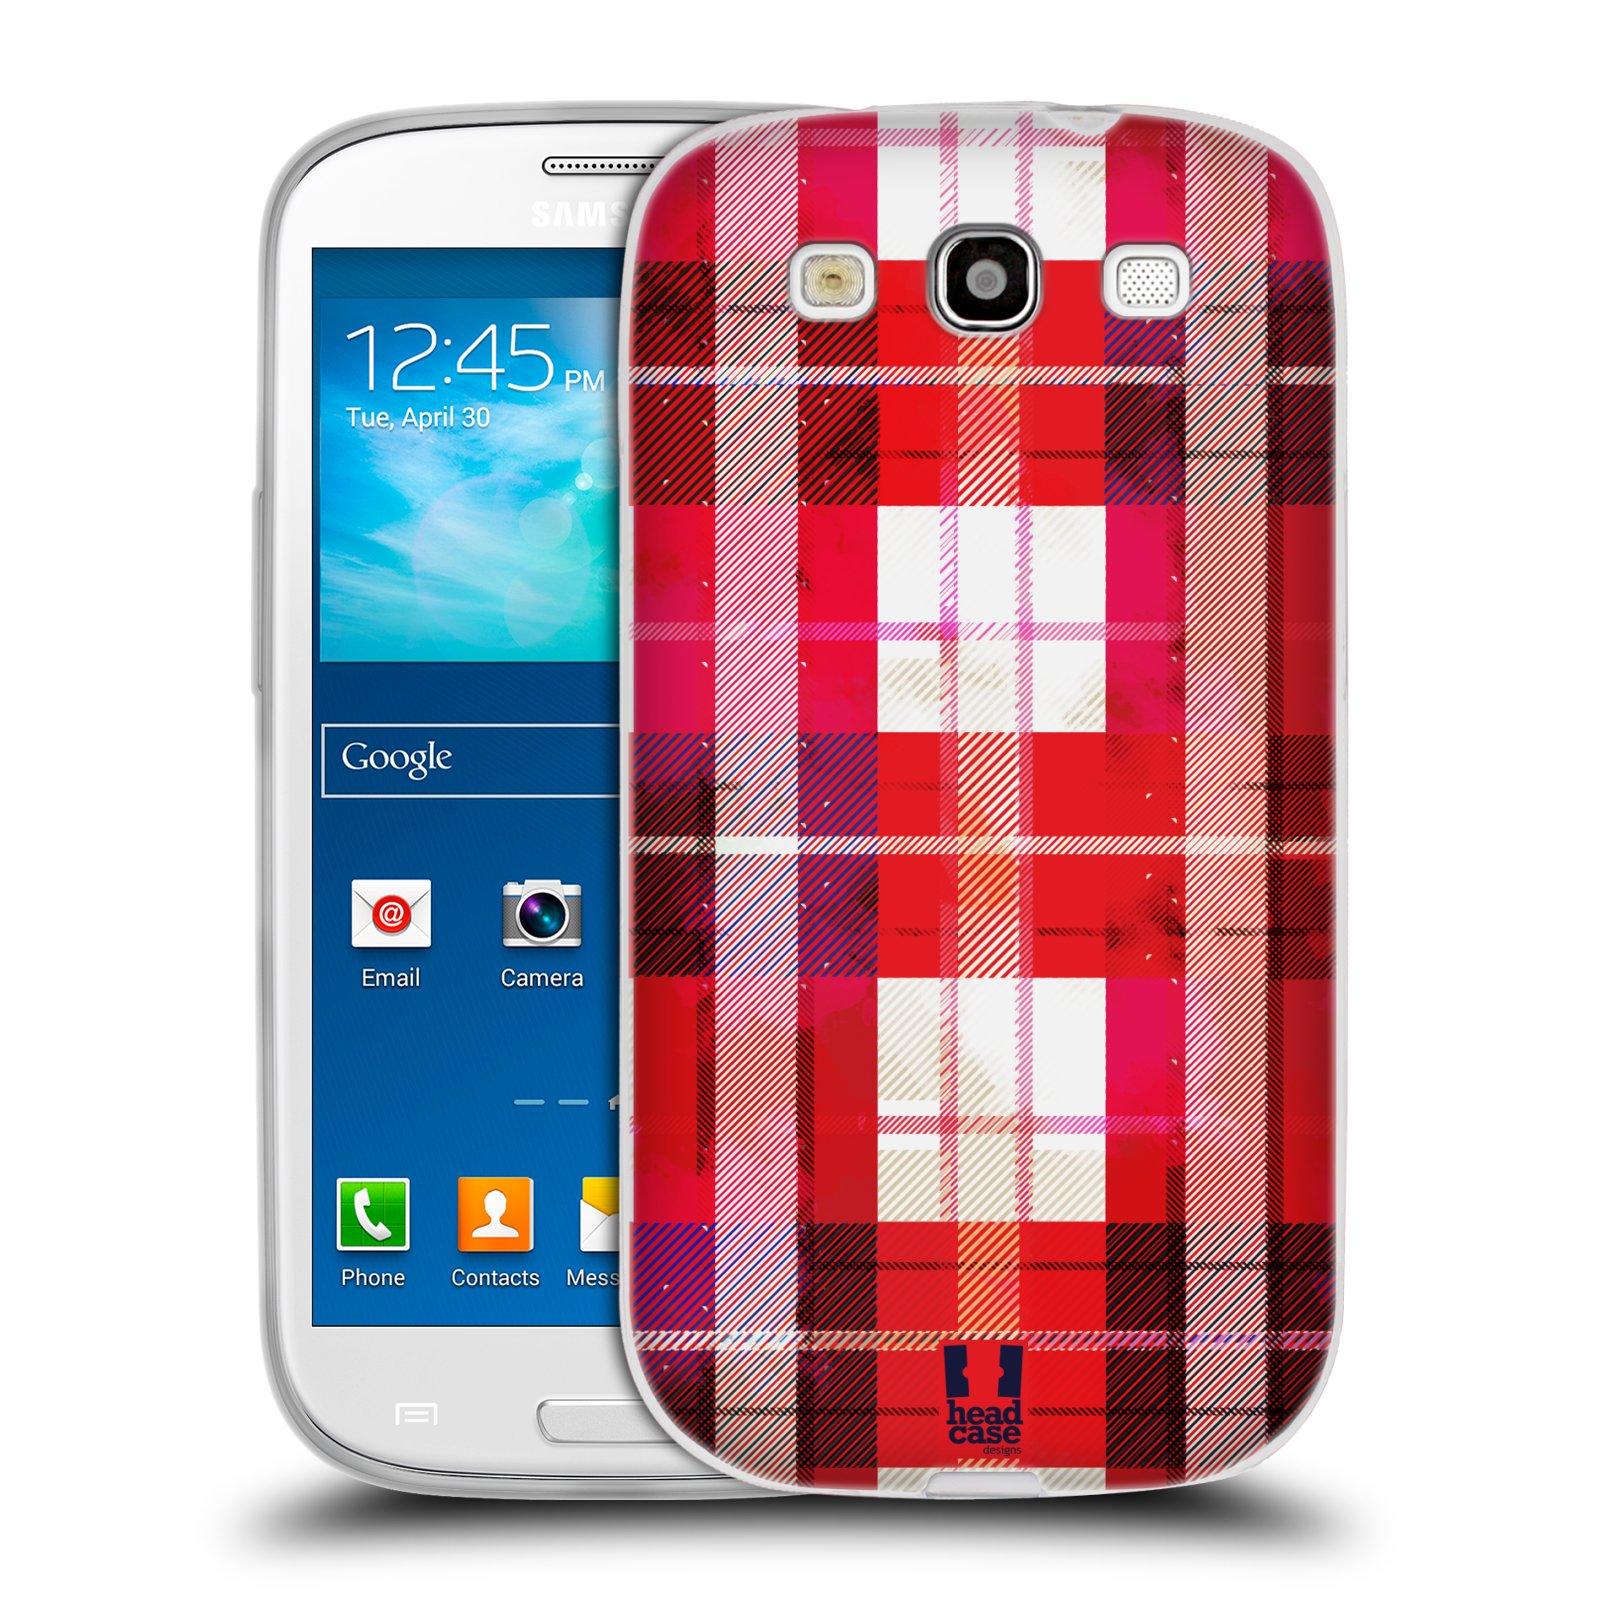 Silikonové pouzdro na mobil Samsung Galaxy S III HEAD CASE FLANEL RED (Silikonový kryt či obal na mobilní telefon Samsung Galaxy S III GT-i9300)